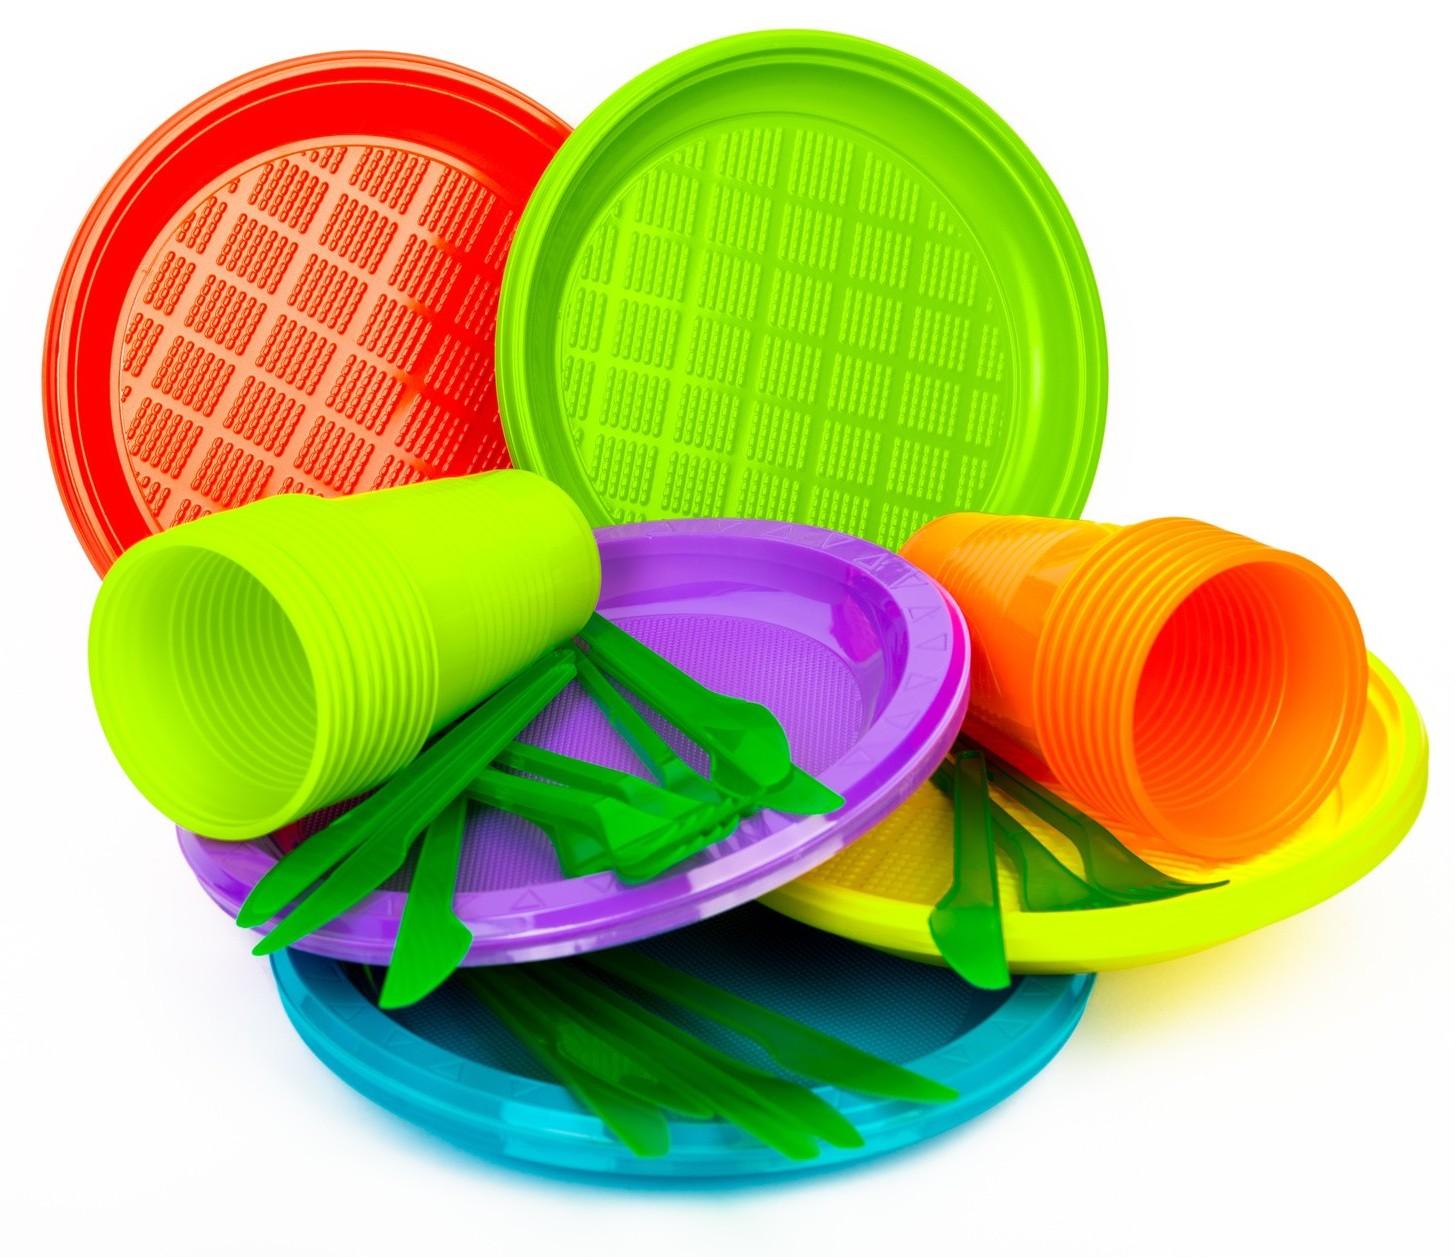 Europa stop a piatti e posate di plastic